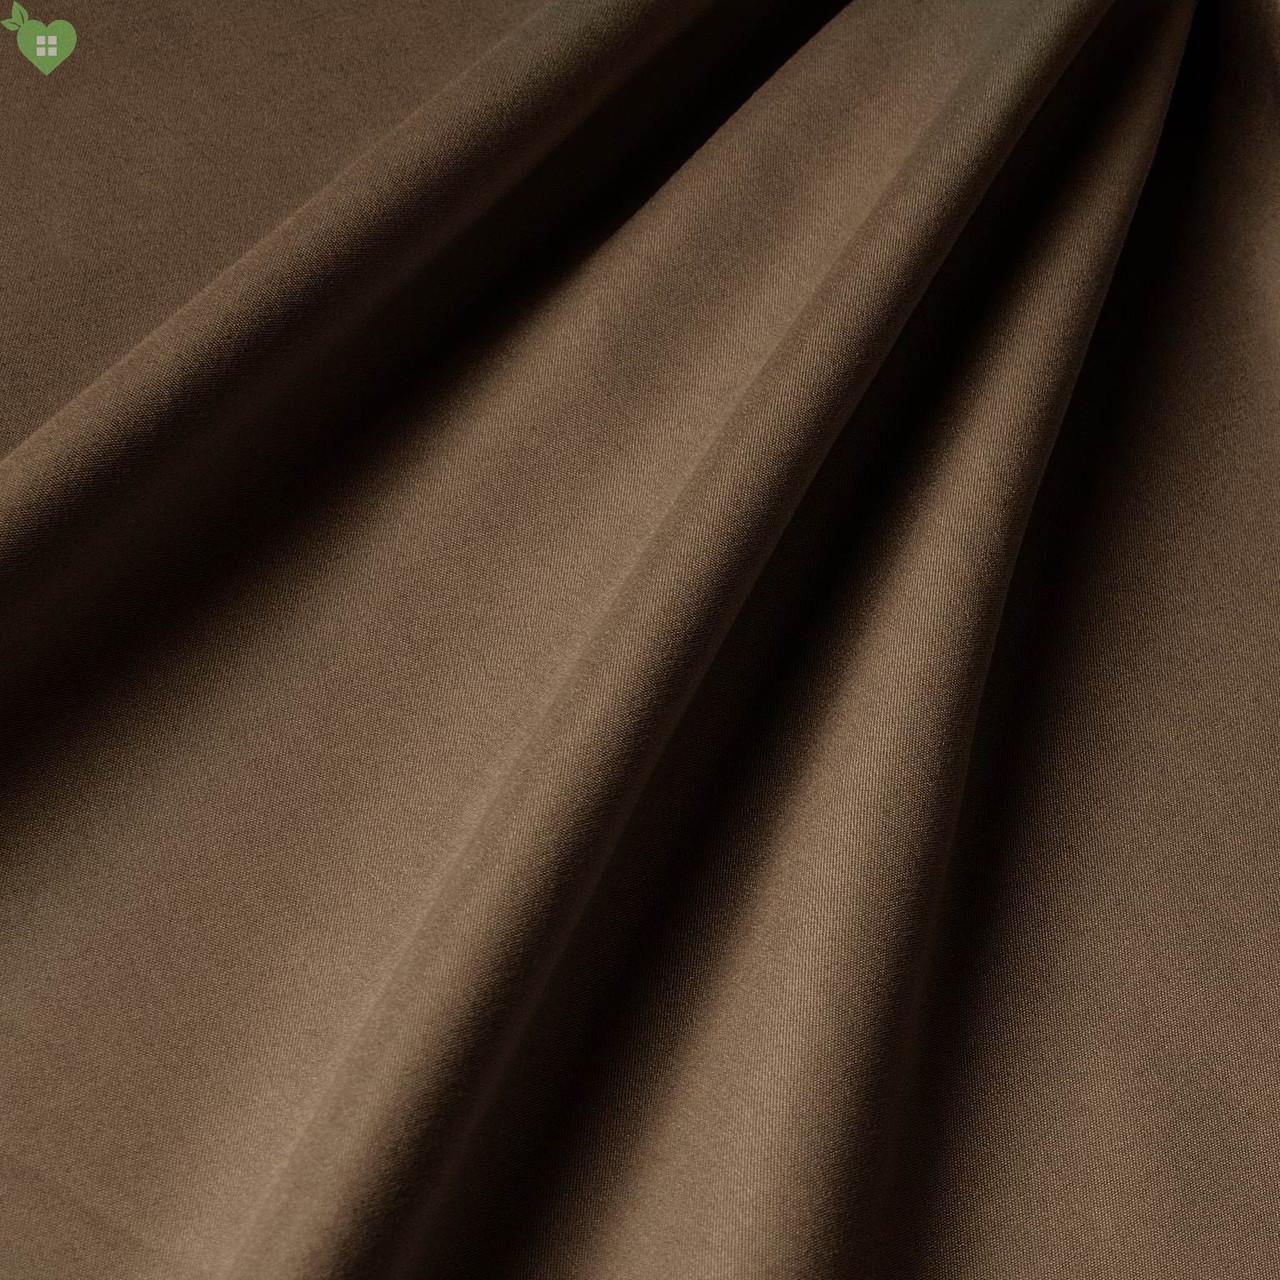 Подкладочная ткань матовая фактура цвета коричневого шоколада Испания 83304v7